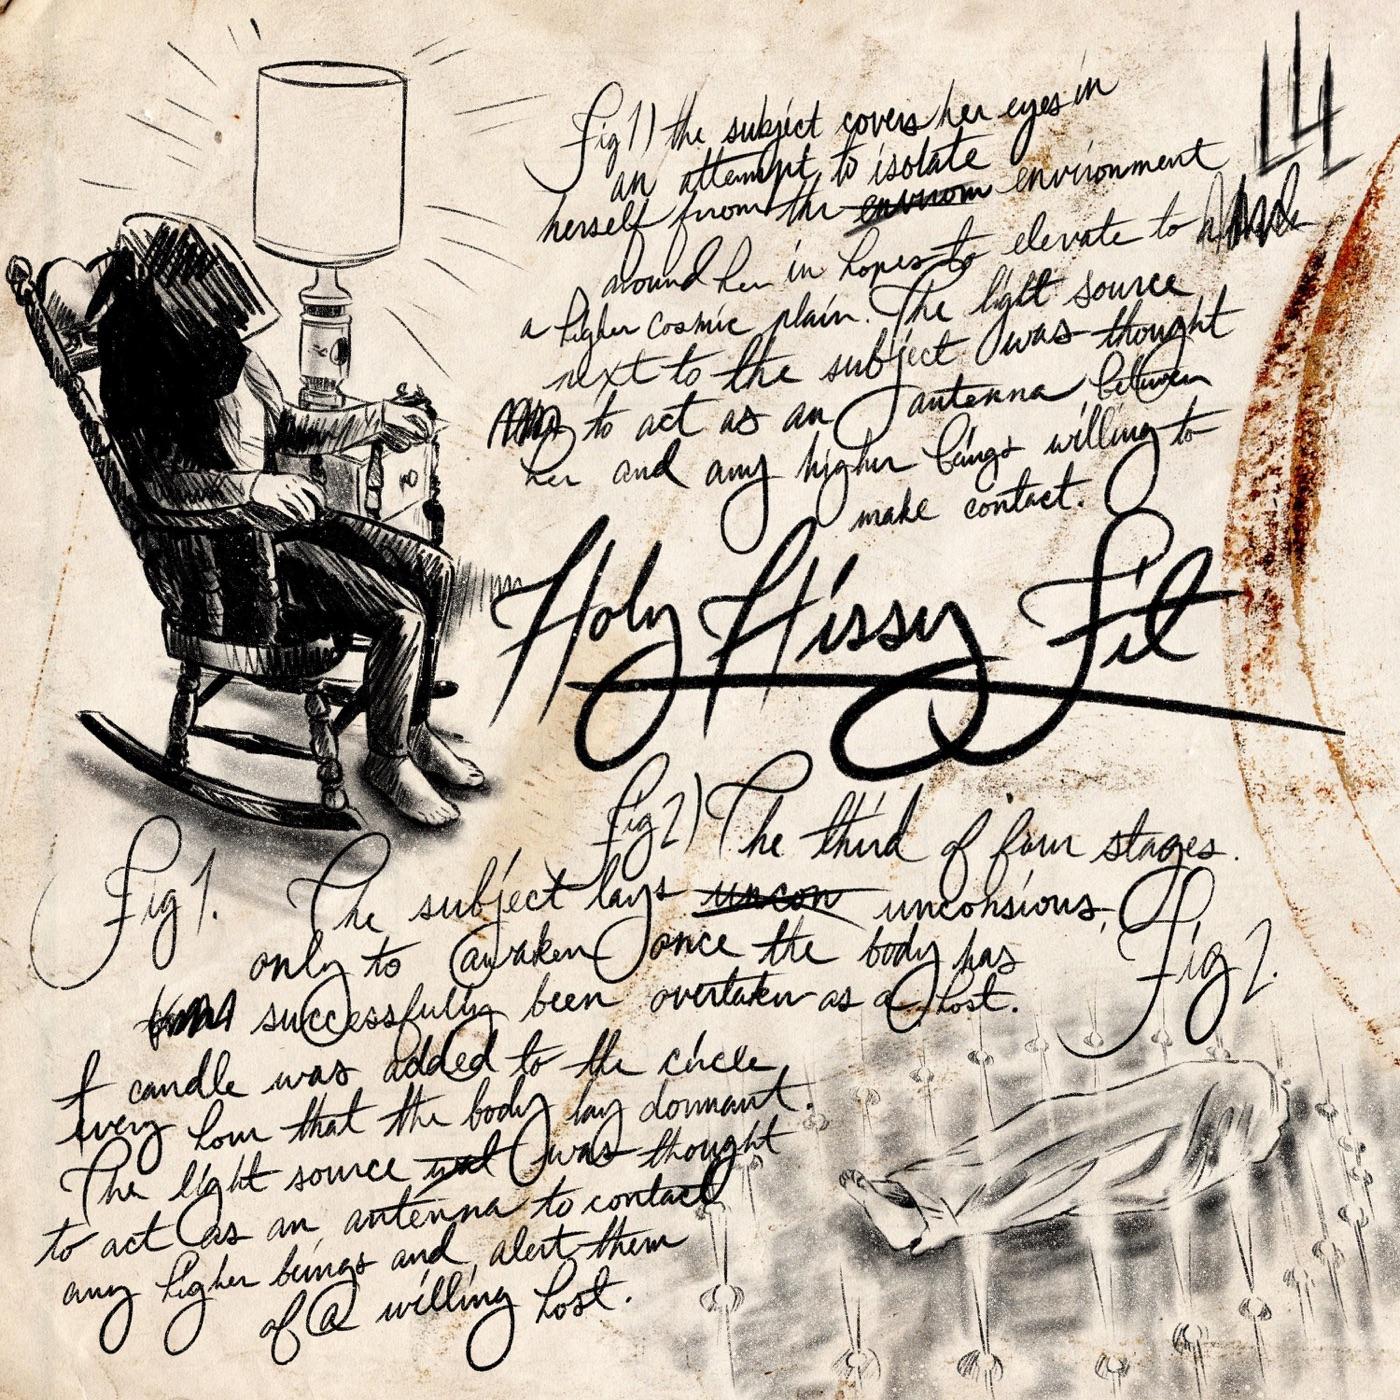 Louisiana Lot Lizards - Holy Hissy Fit [Single] (2019)